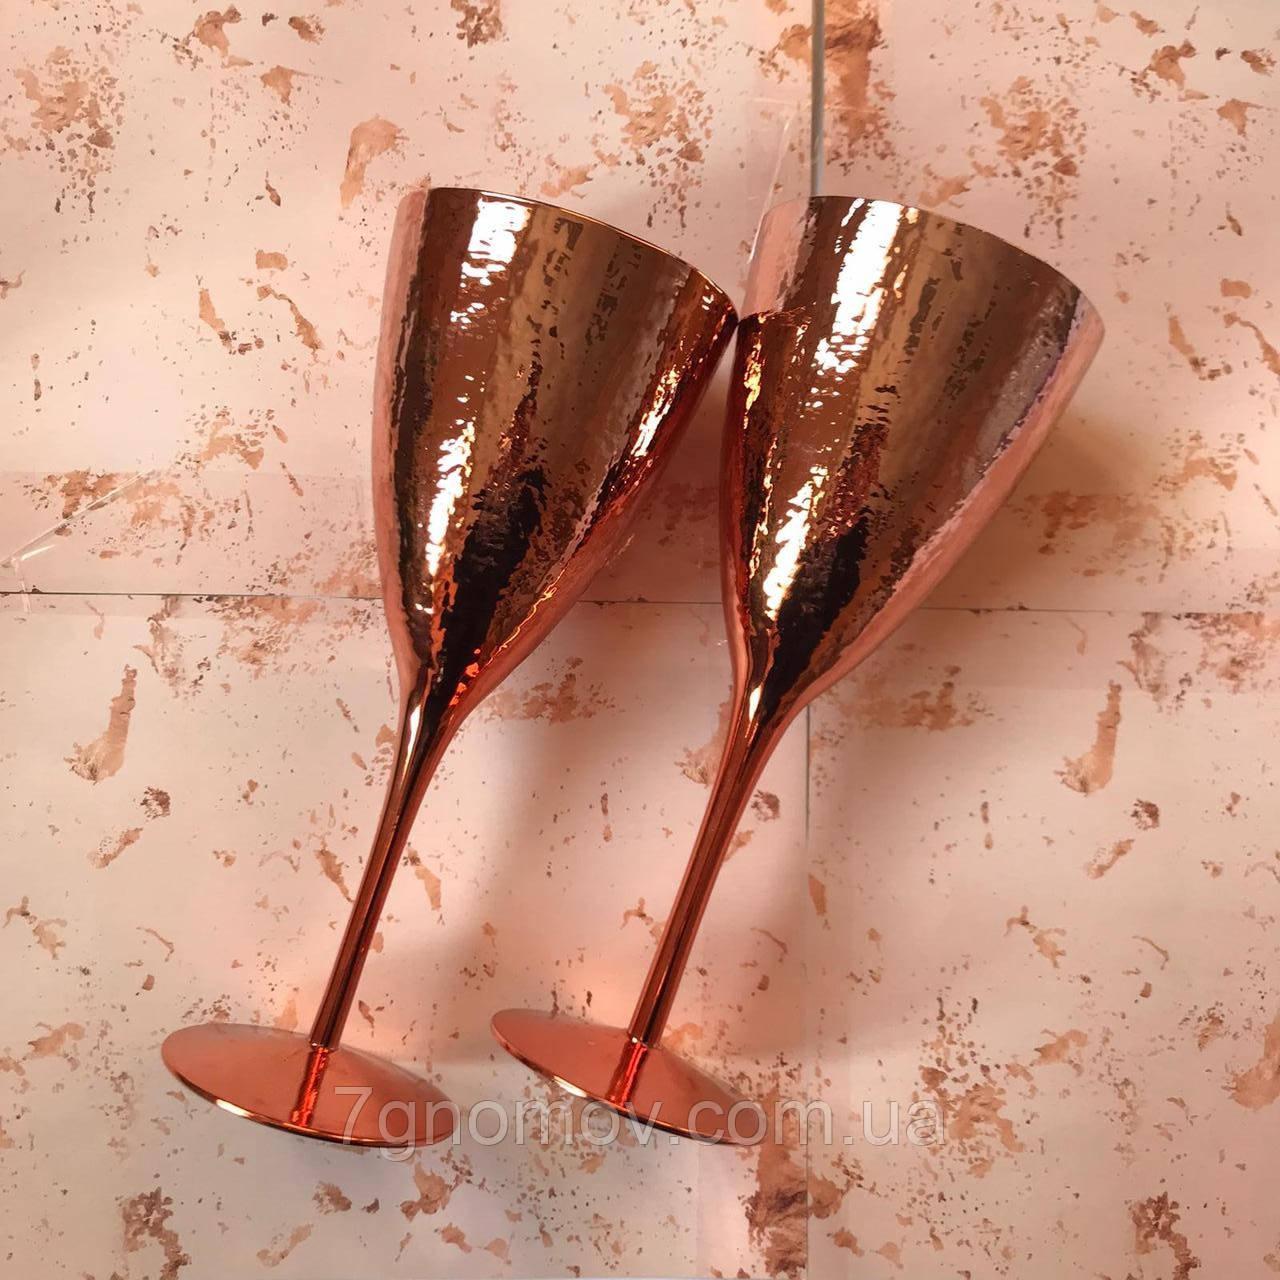 Набор 6 бокалов для  вина Роуз золотой 375 мл